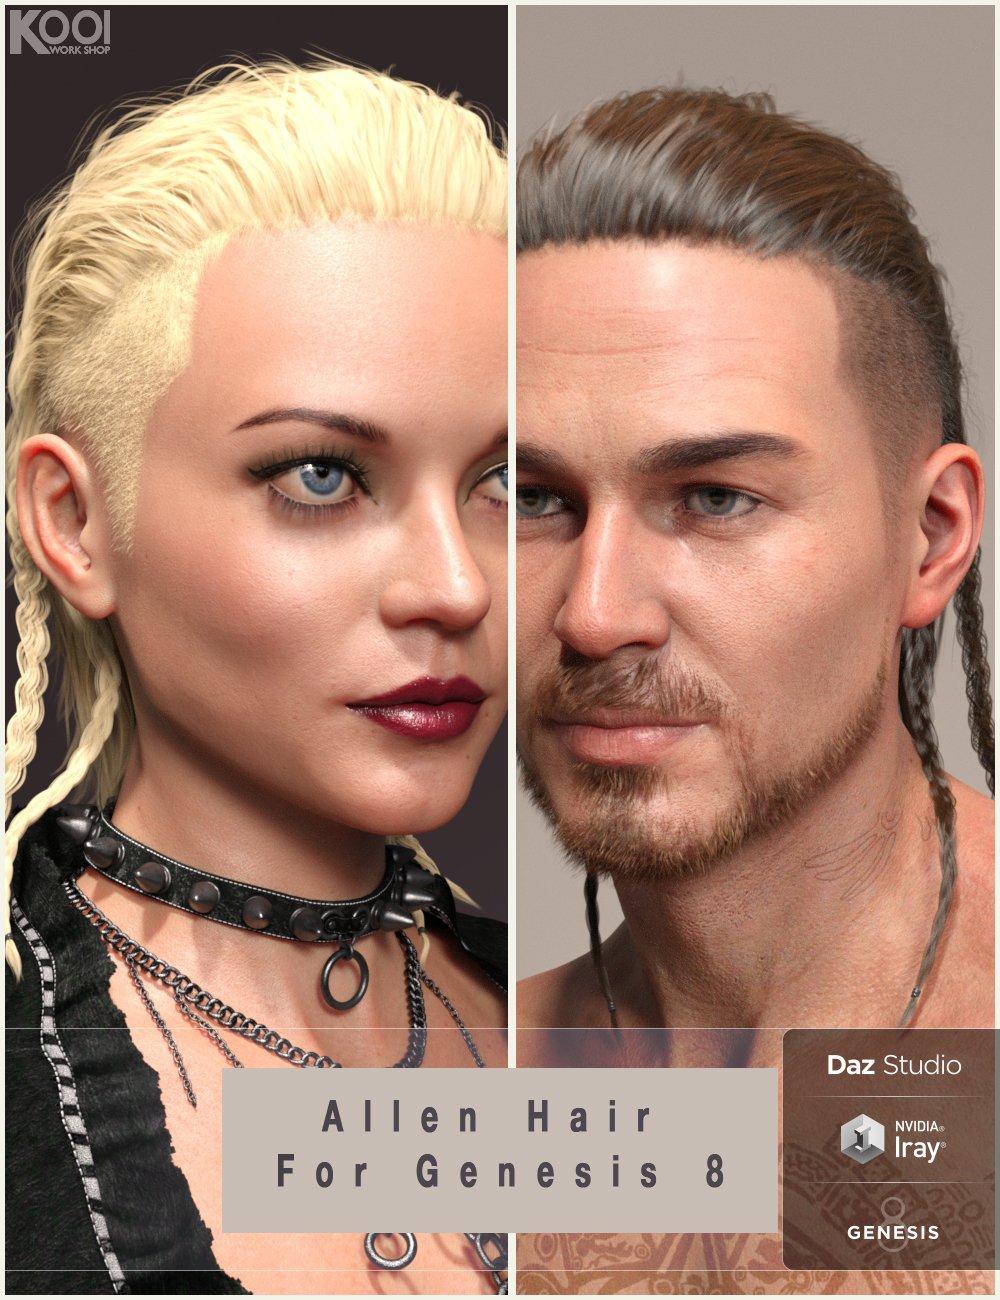 Allen Hair For Genesis 8 by: Kool, 3D Models by Daz 3D